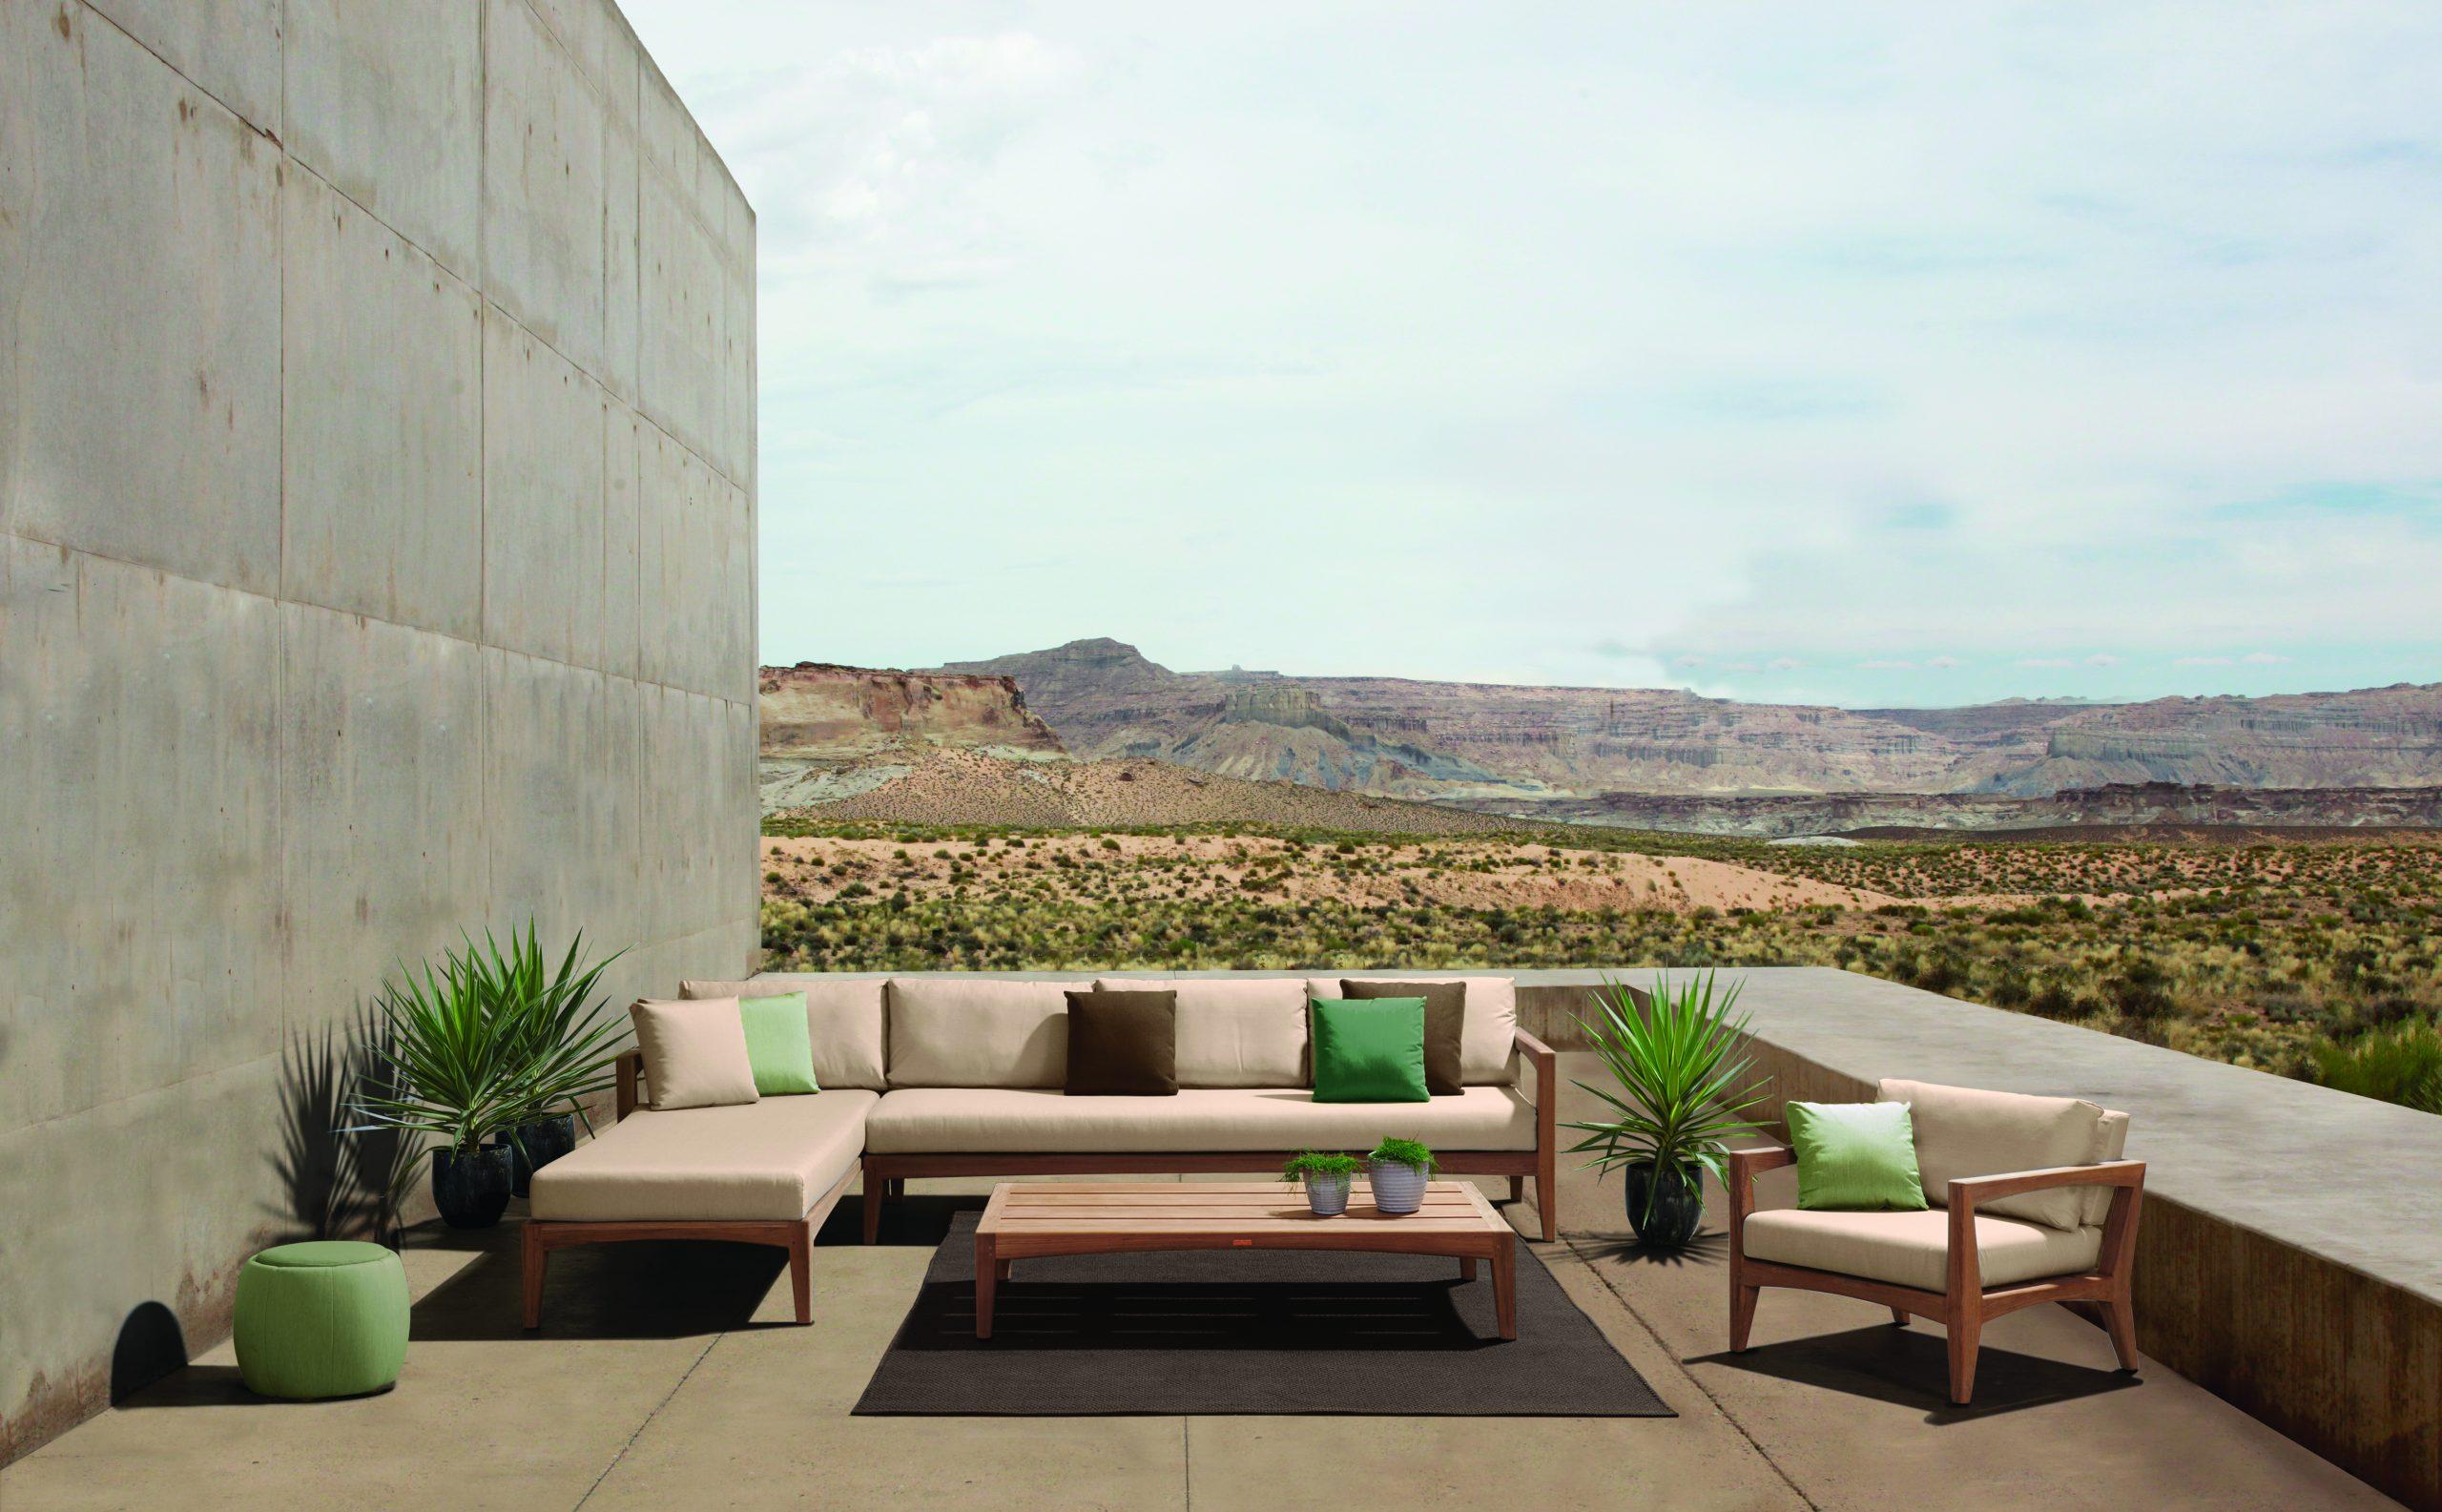 Royal Botania : le spécialiste du mobilier de jardin haut de gamme